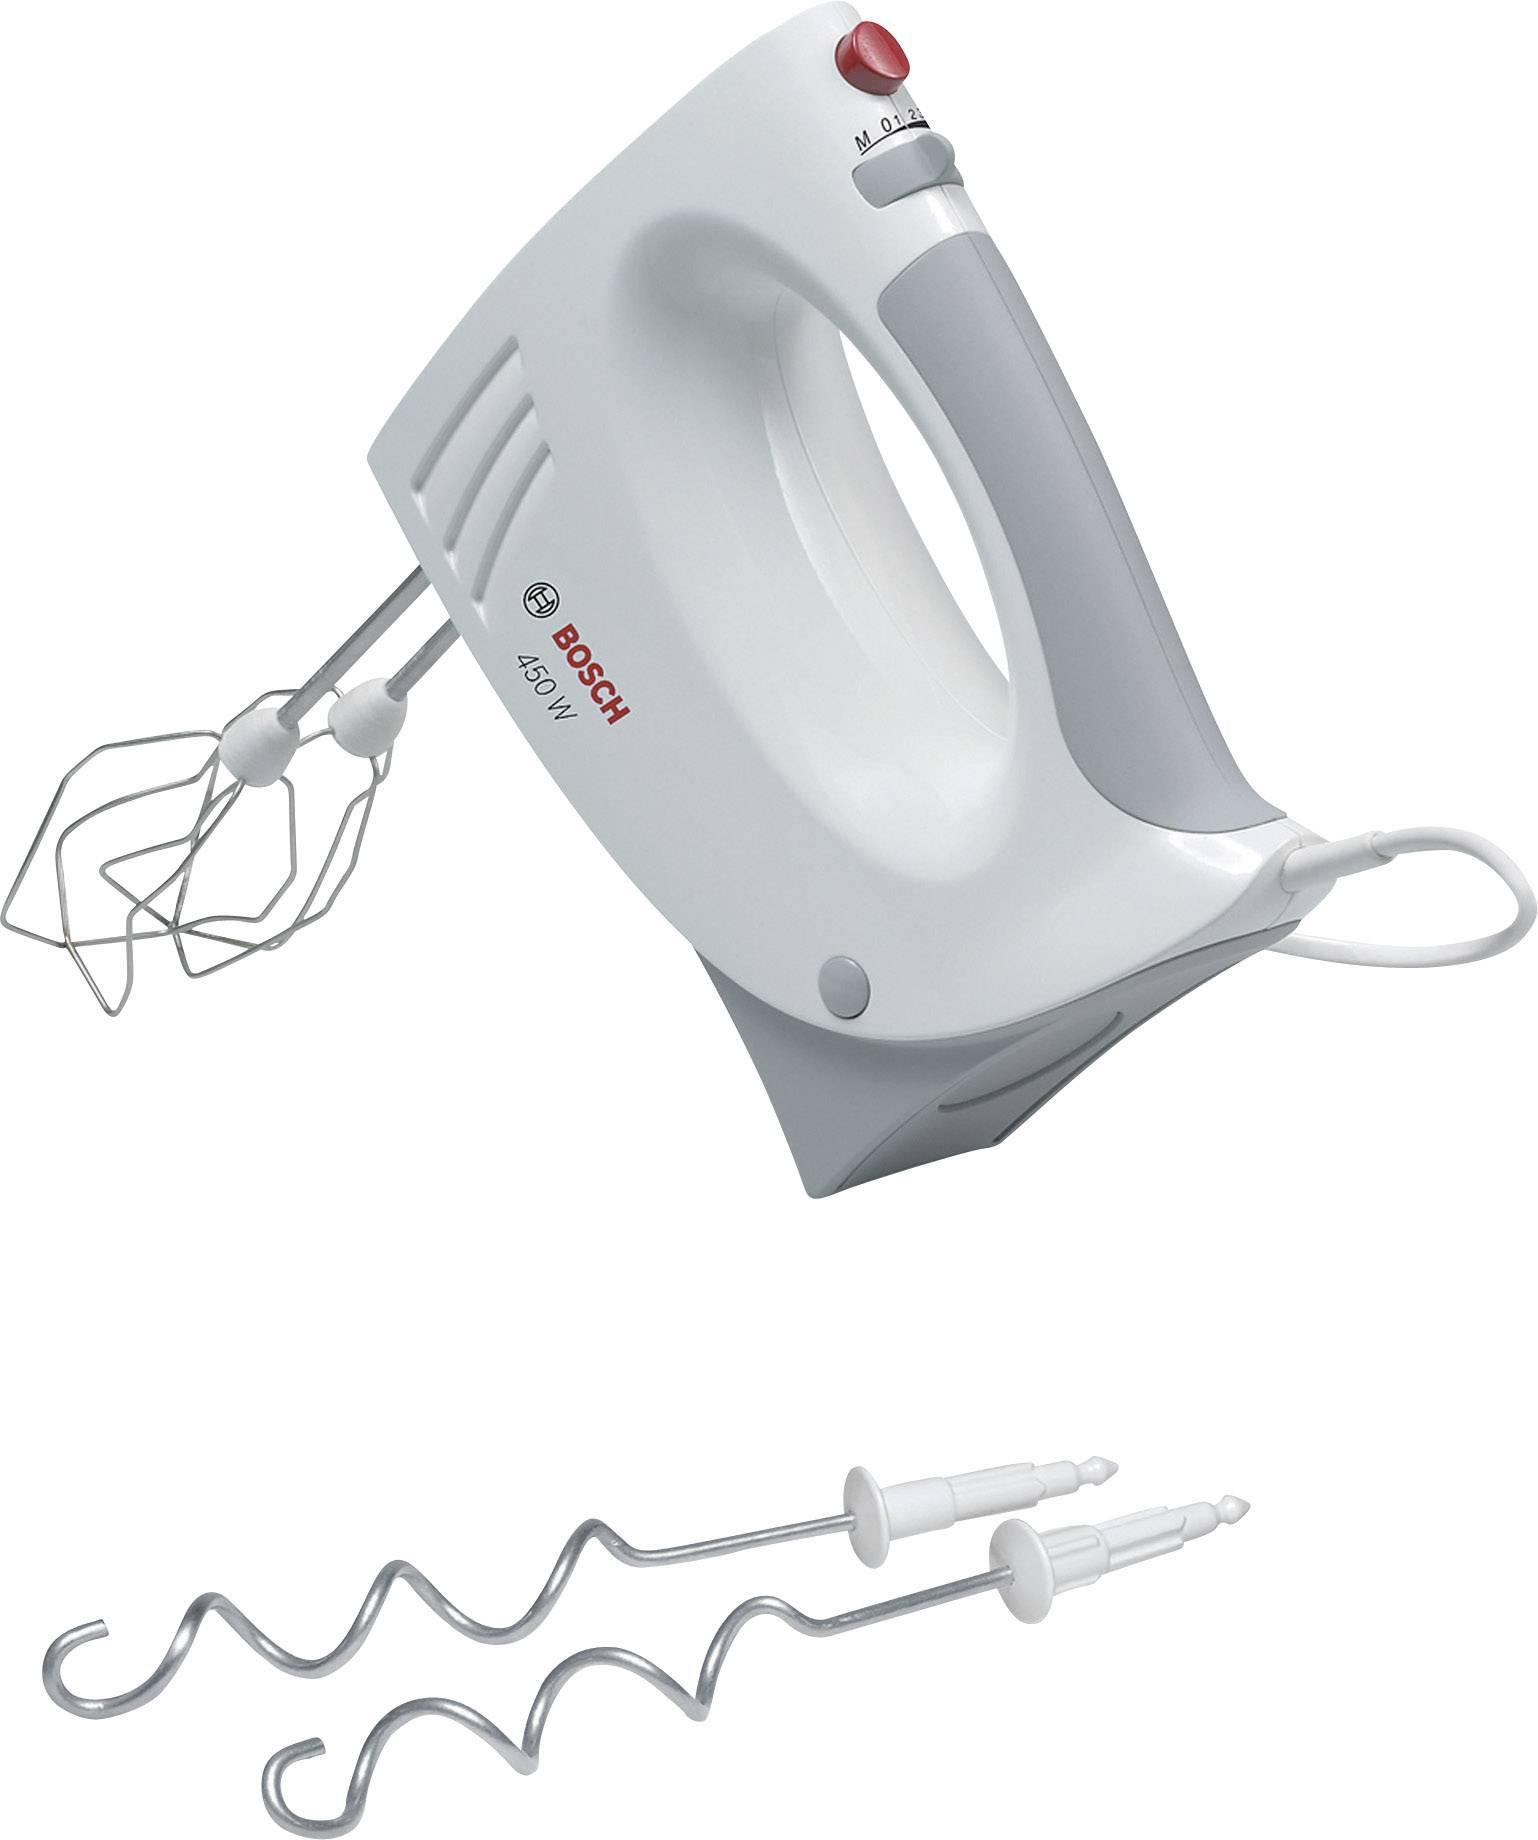 Ručný mixér Bosch MFQ3530, 450 W, biela, sivý